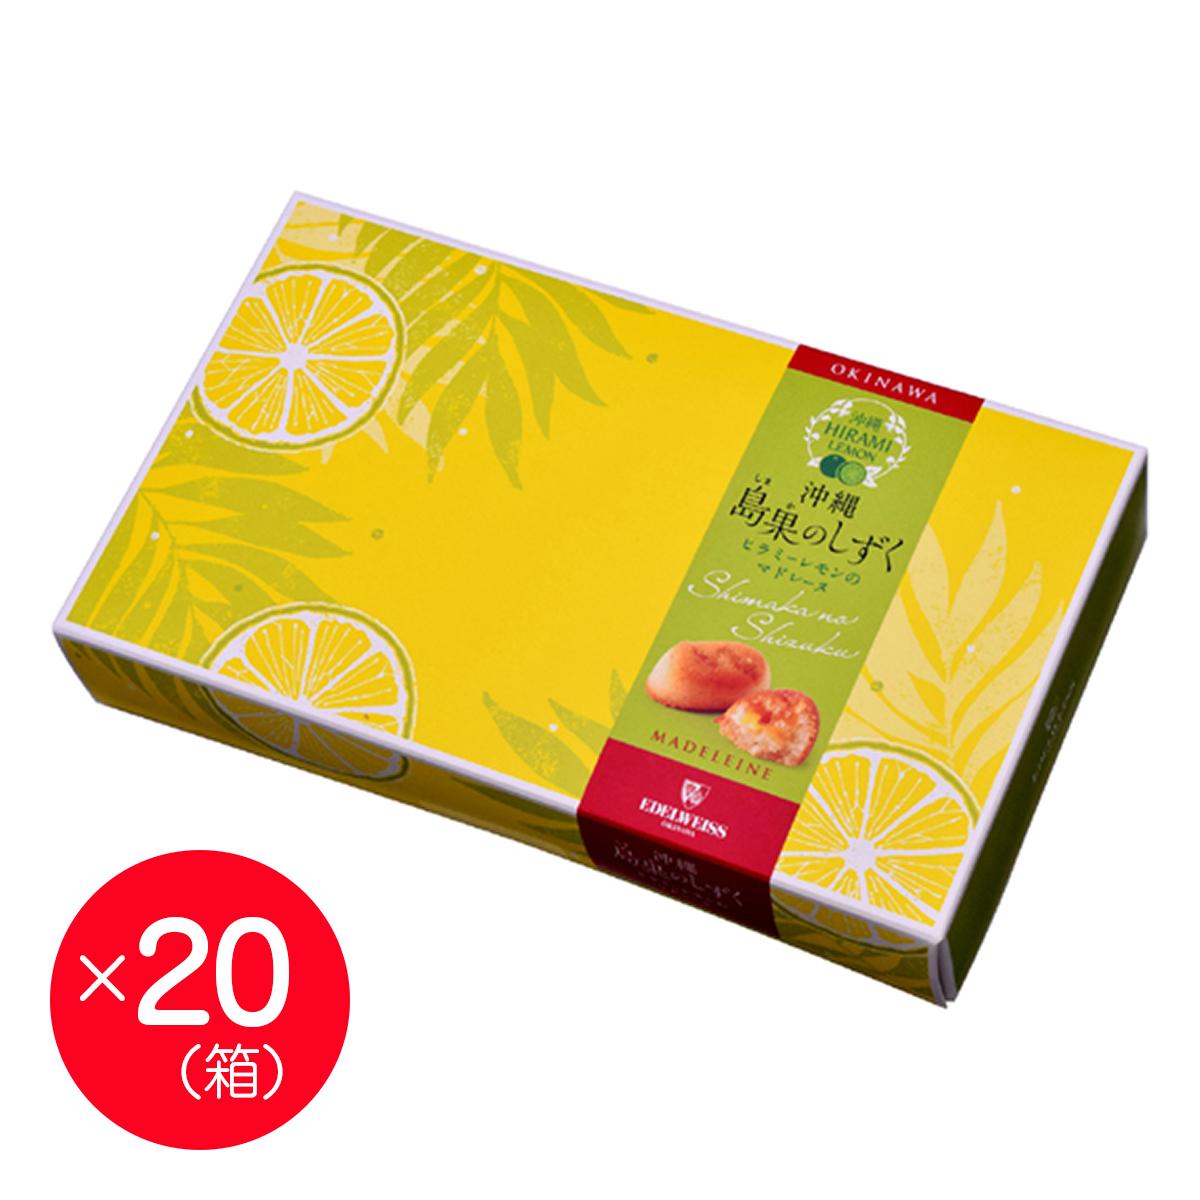 【エーデルワイス沖縄】『島果のしずく ヒラミーレモンのマドレーヌ12個入×20箱セット』【送料無料】【沖縄土産】